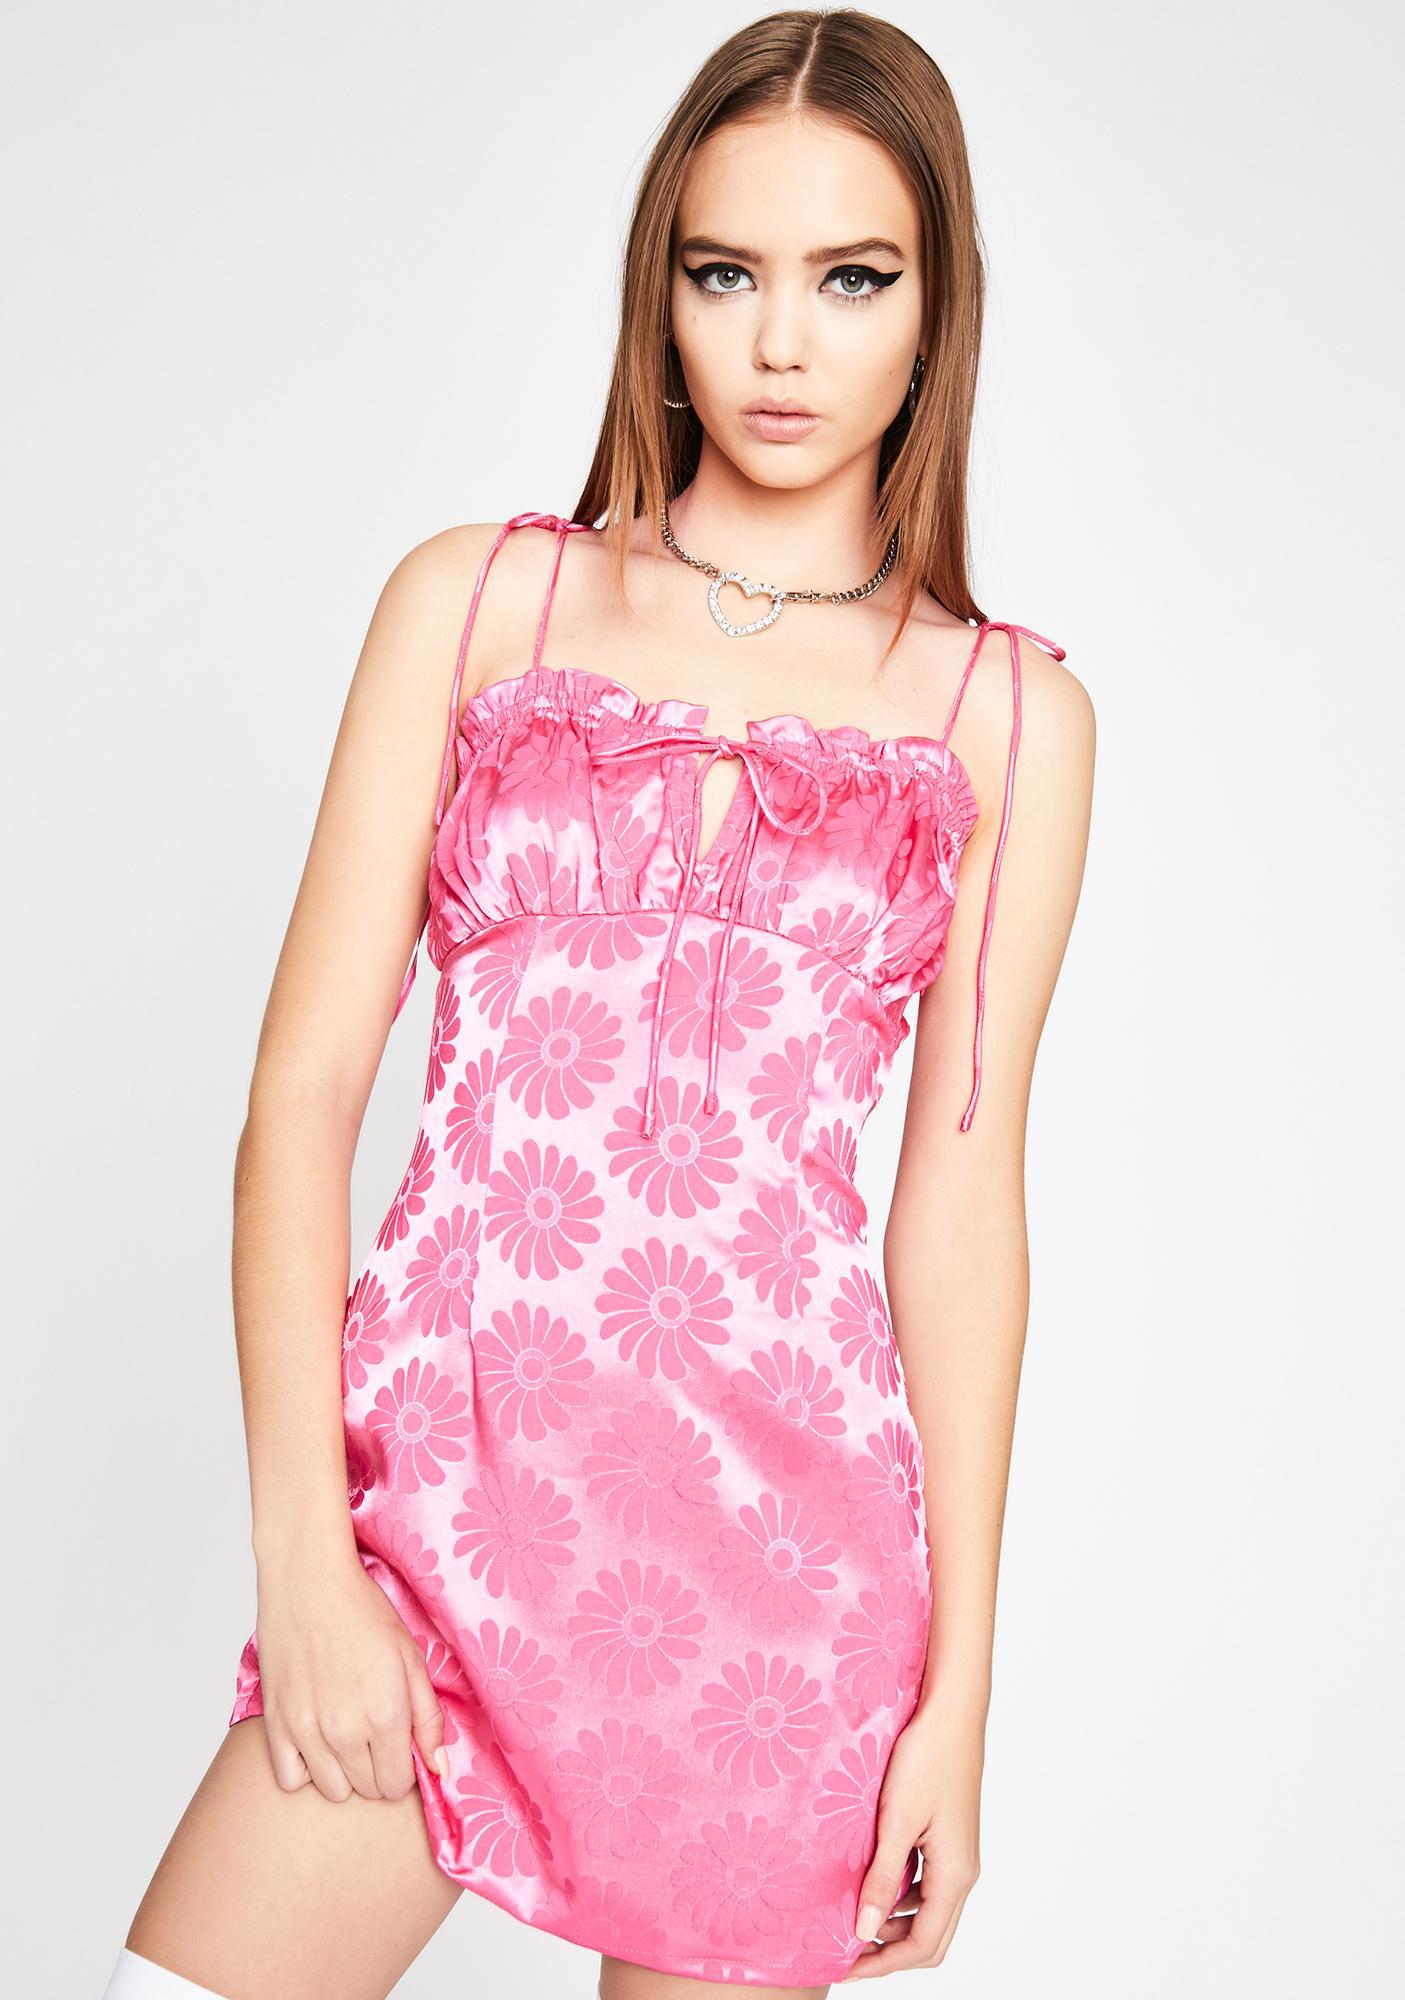 Daisy Doll Satin Dress